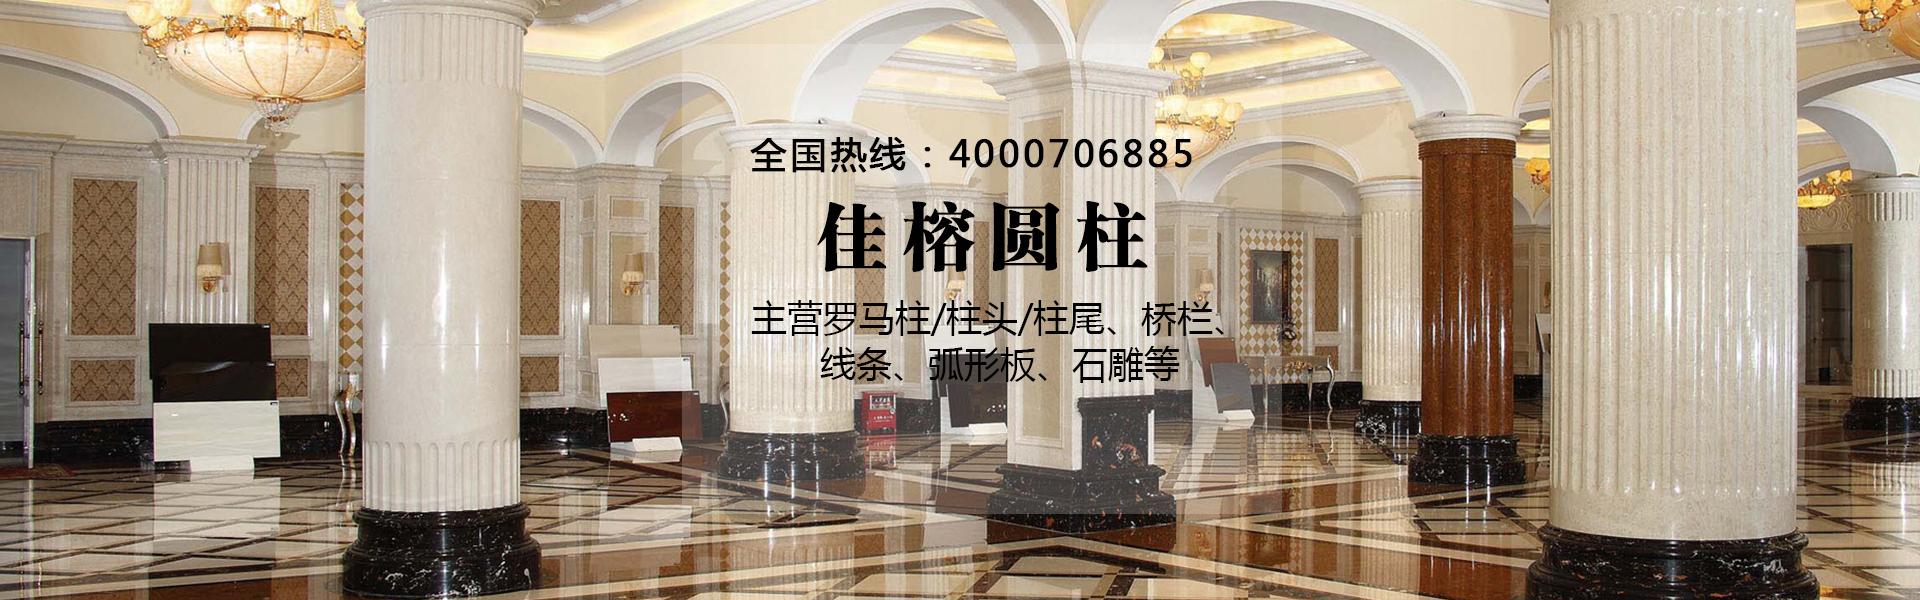 新葡京娱乐网址